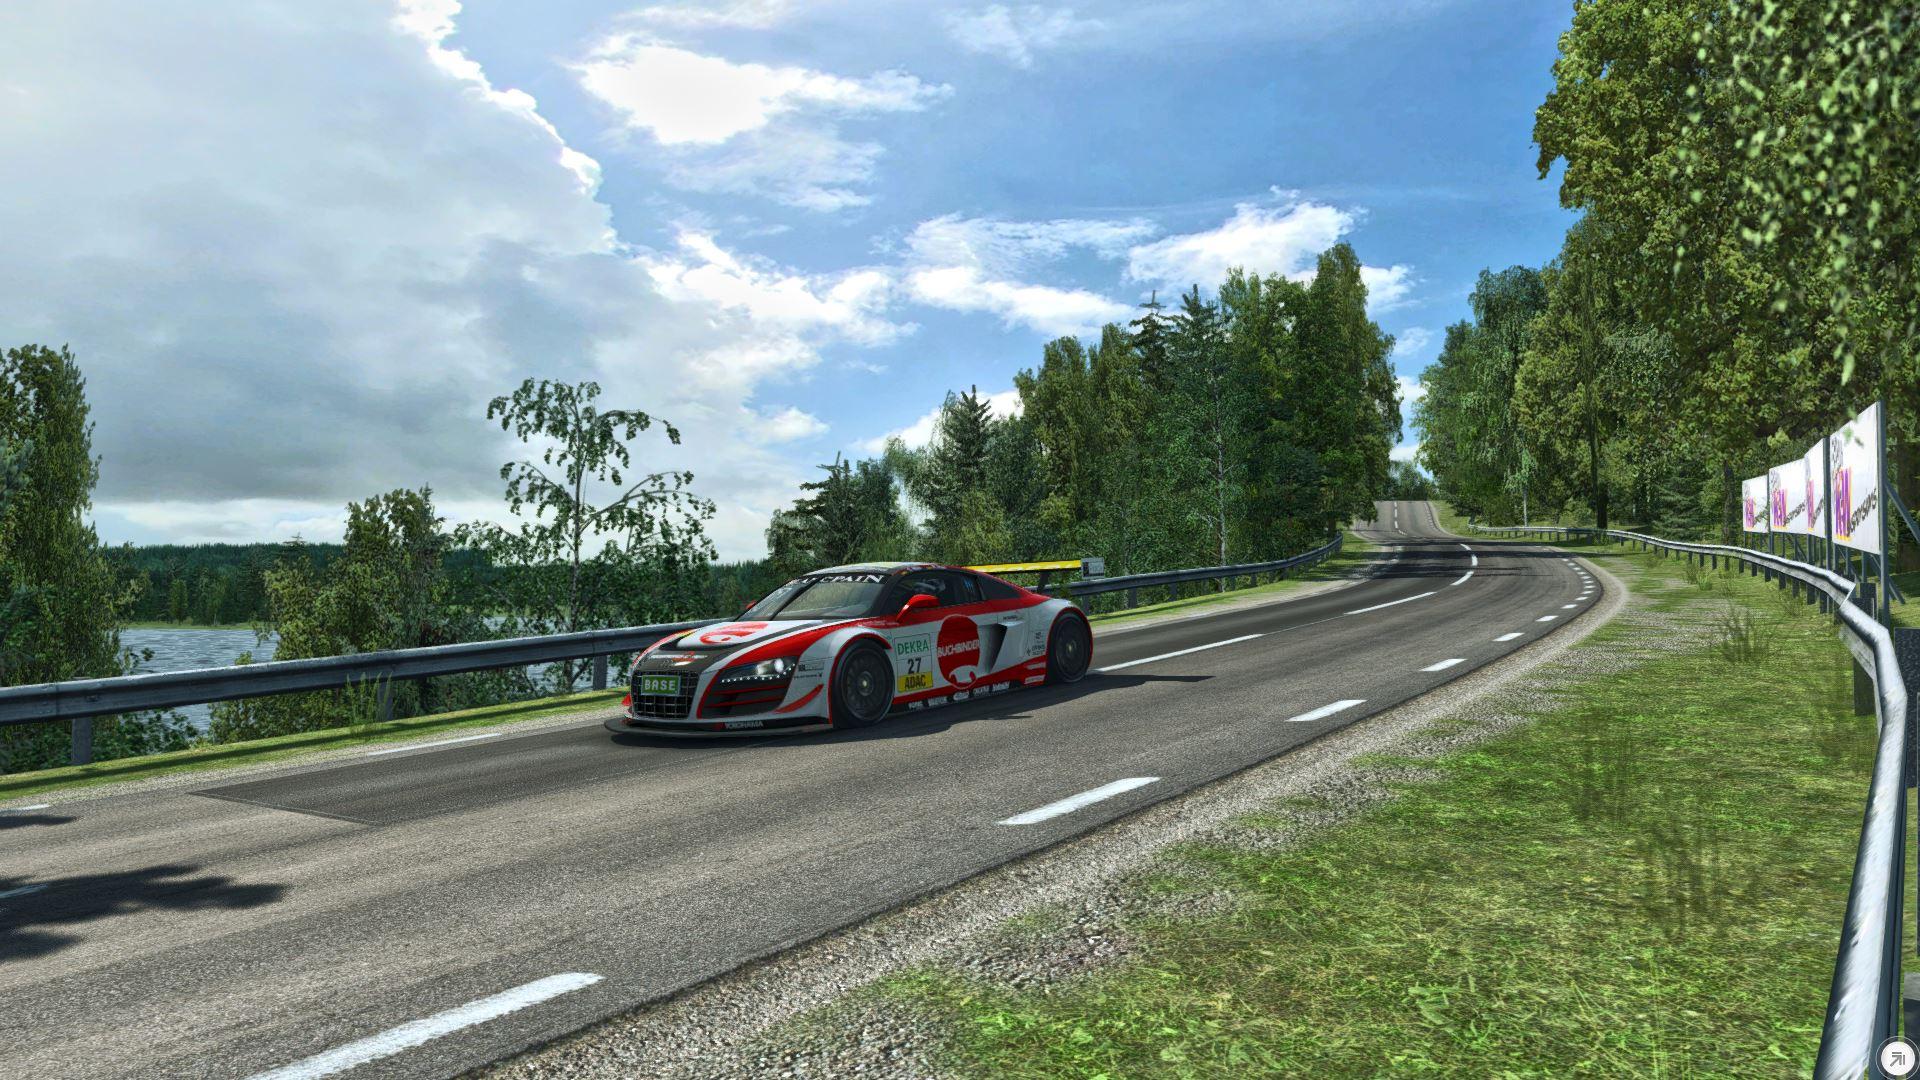 R3E Audi R8 LMS Hillclimb